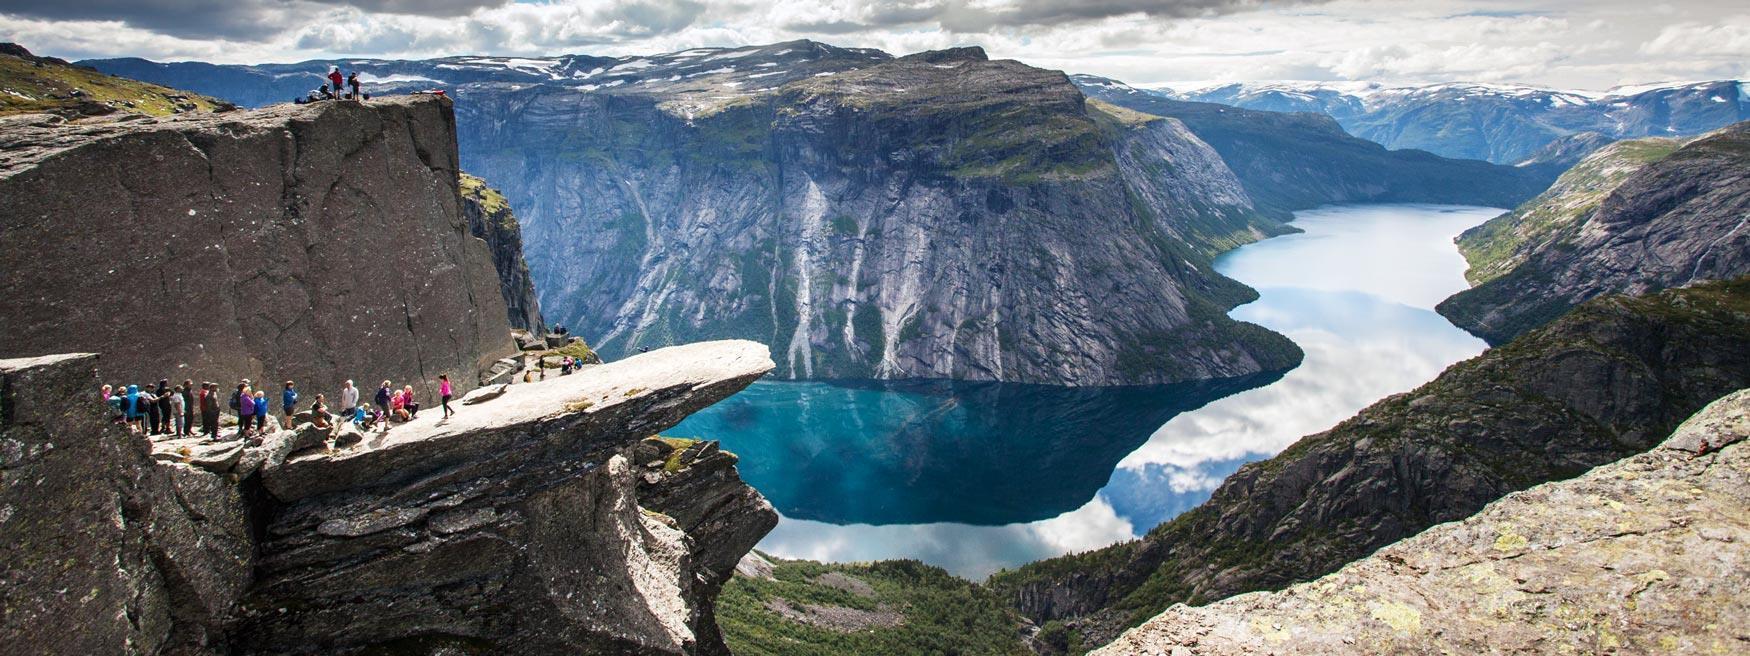 www.fjordnorway.com6.jpg